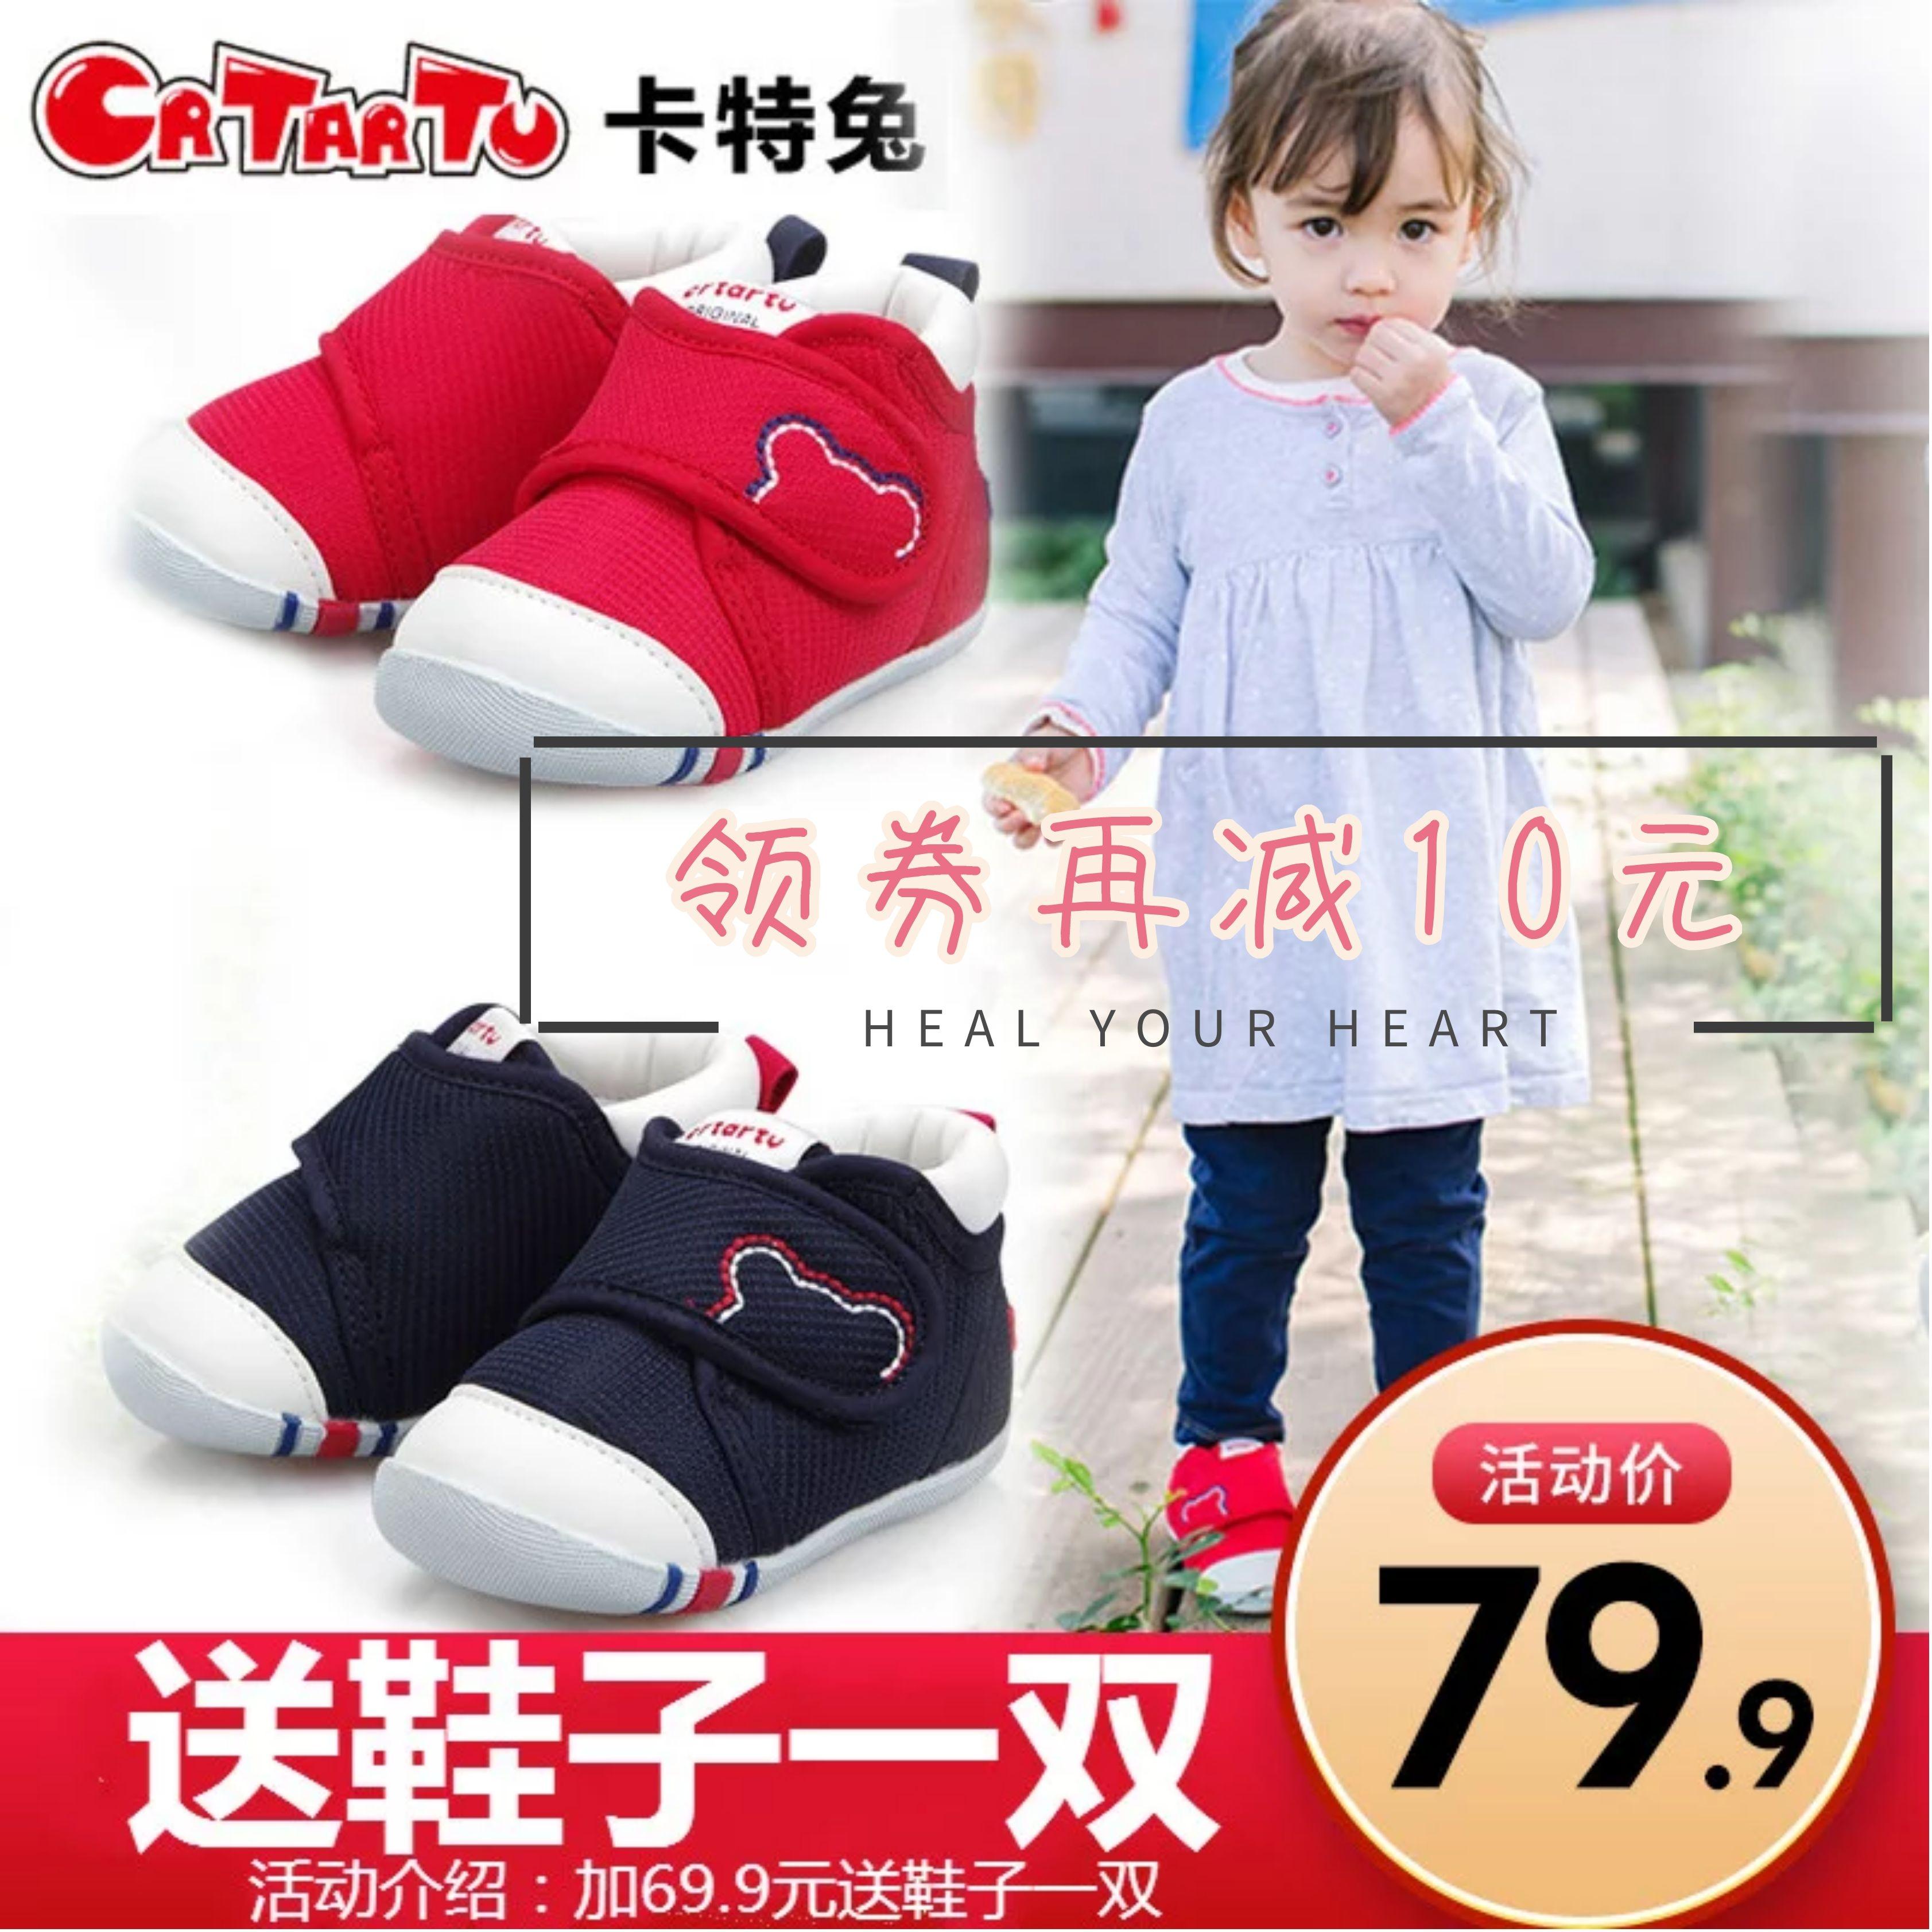 卡特兔秋冬季婴儿宝宝幼儿1-3岁男女儿童软底防滑机能鞋学步鞋子